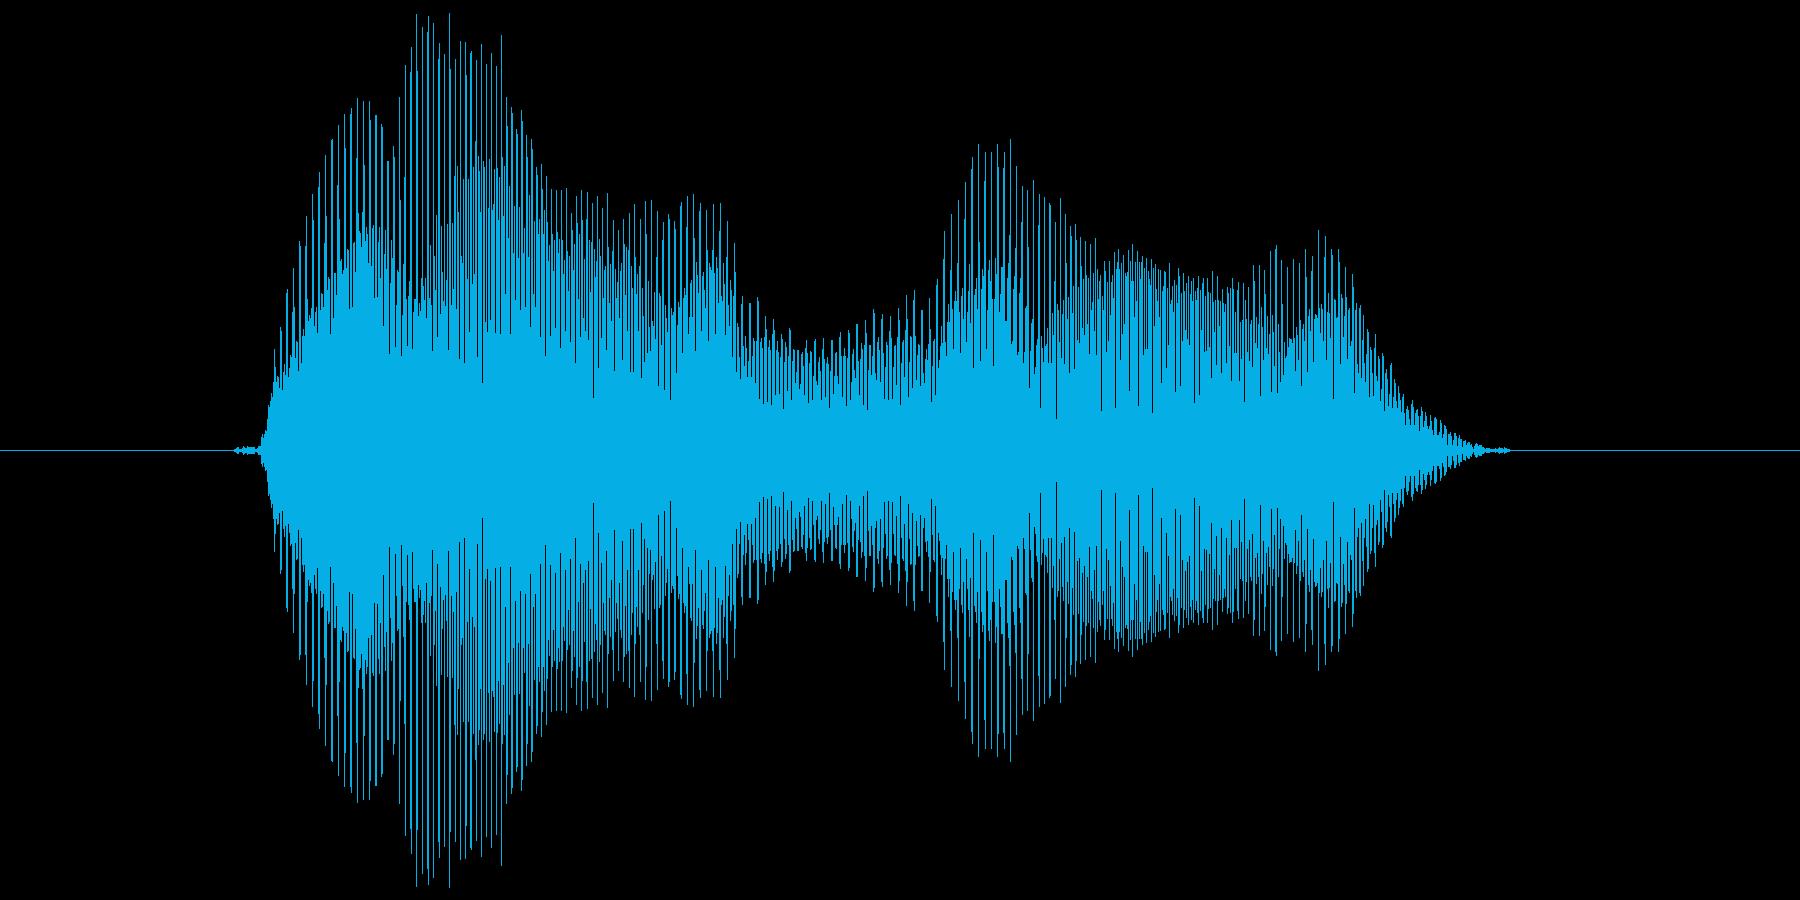 「ノー・ノー!」の再生済みの波形